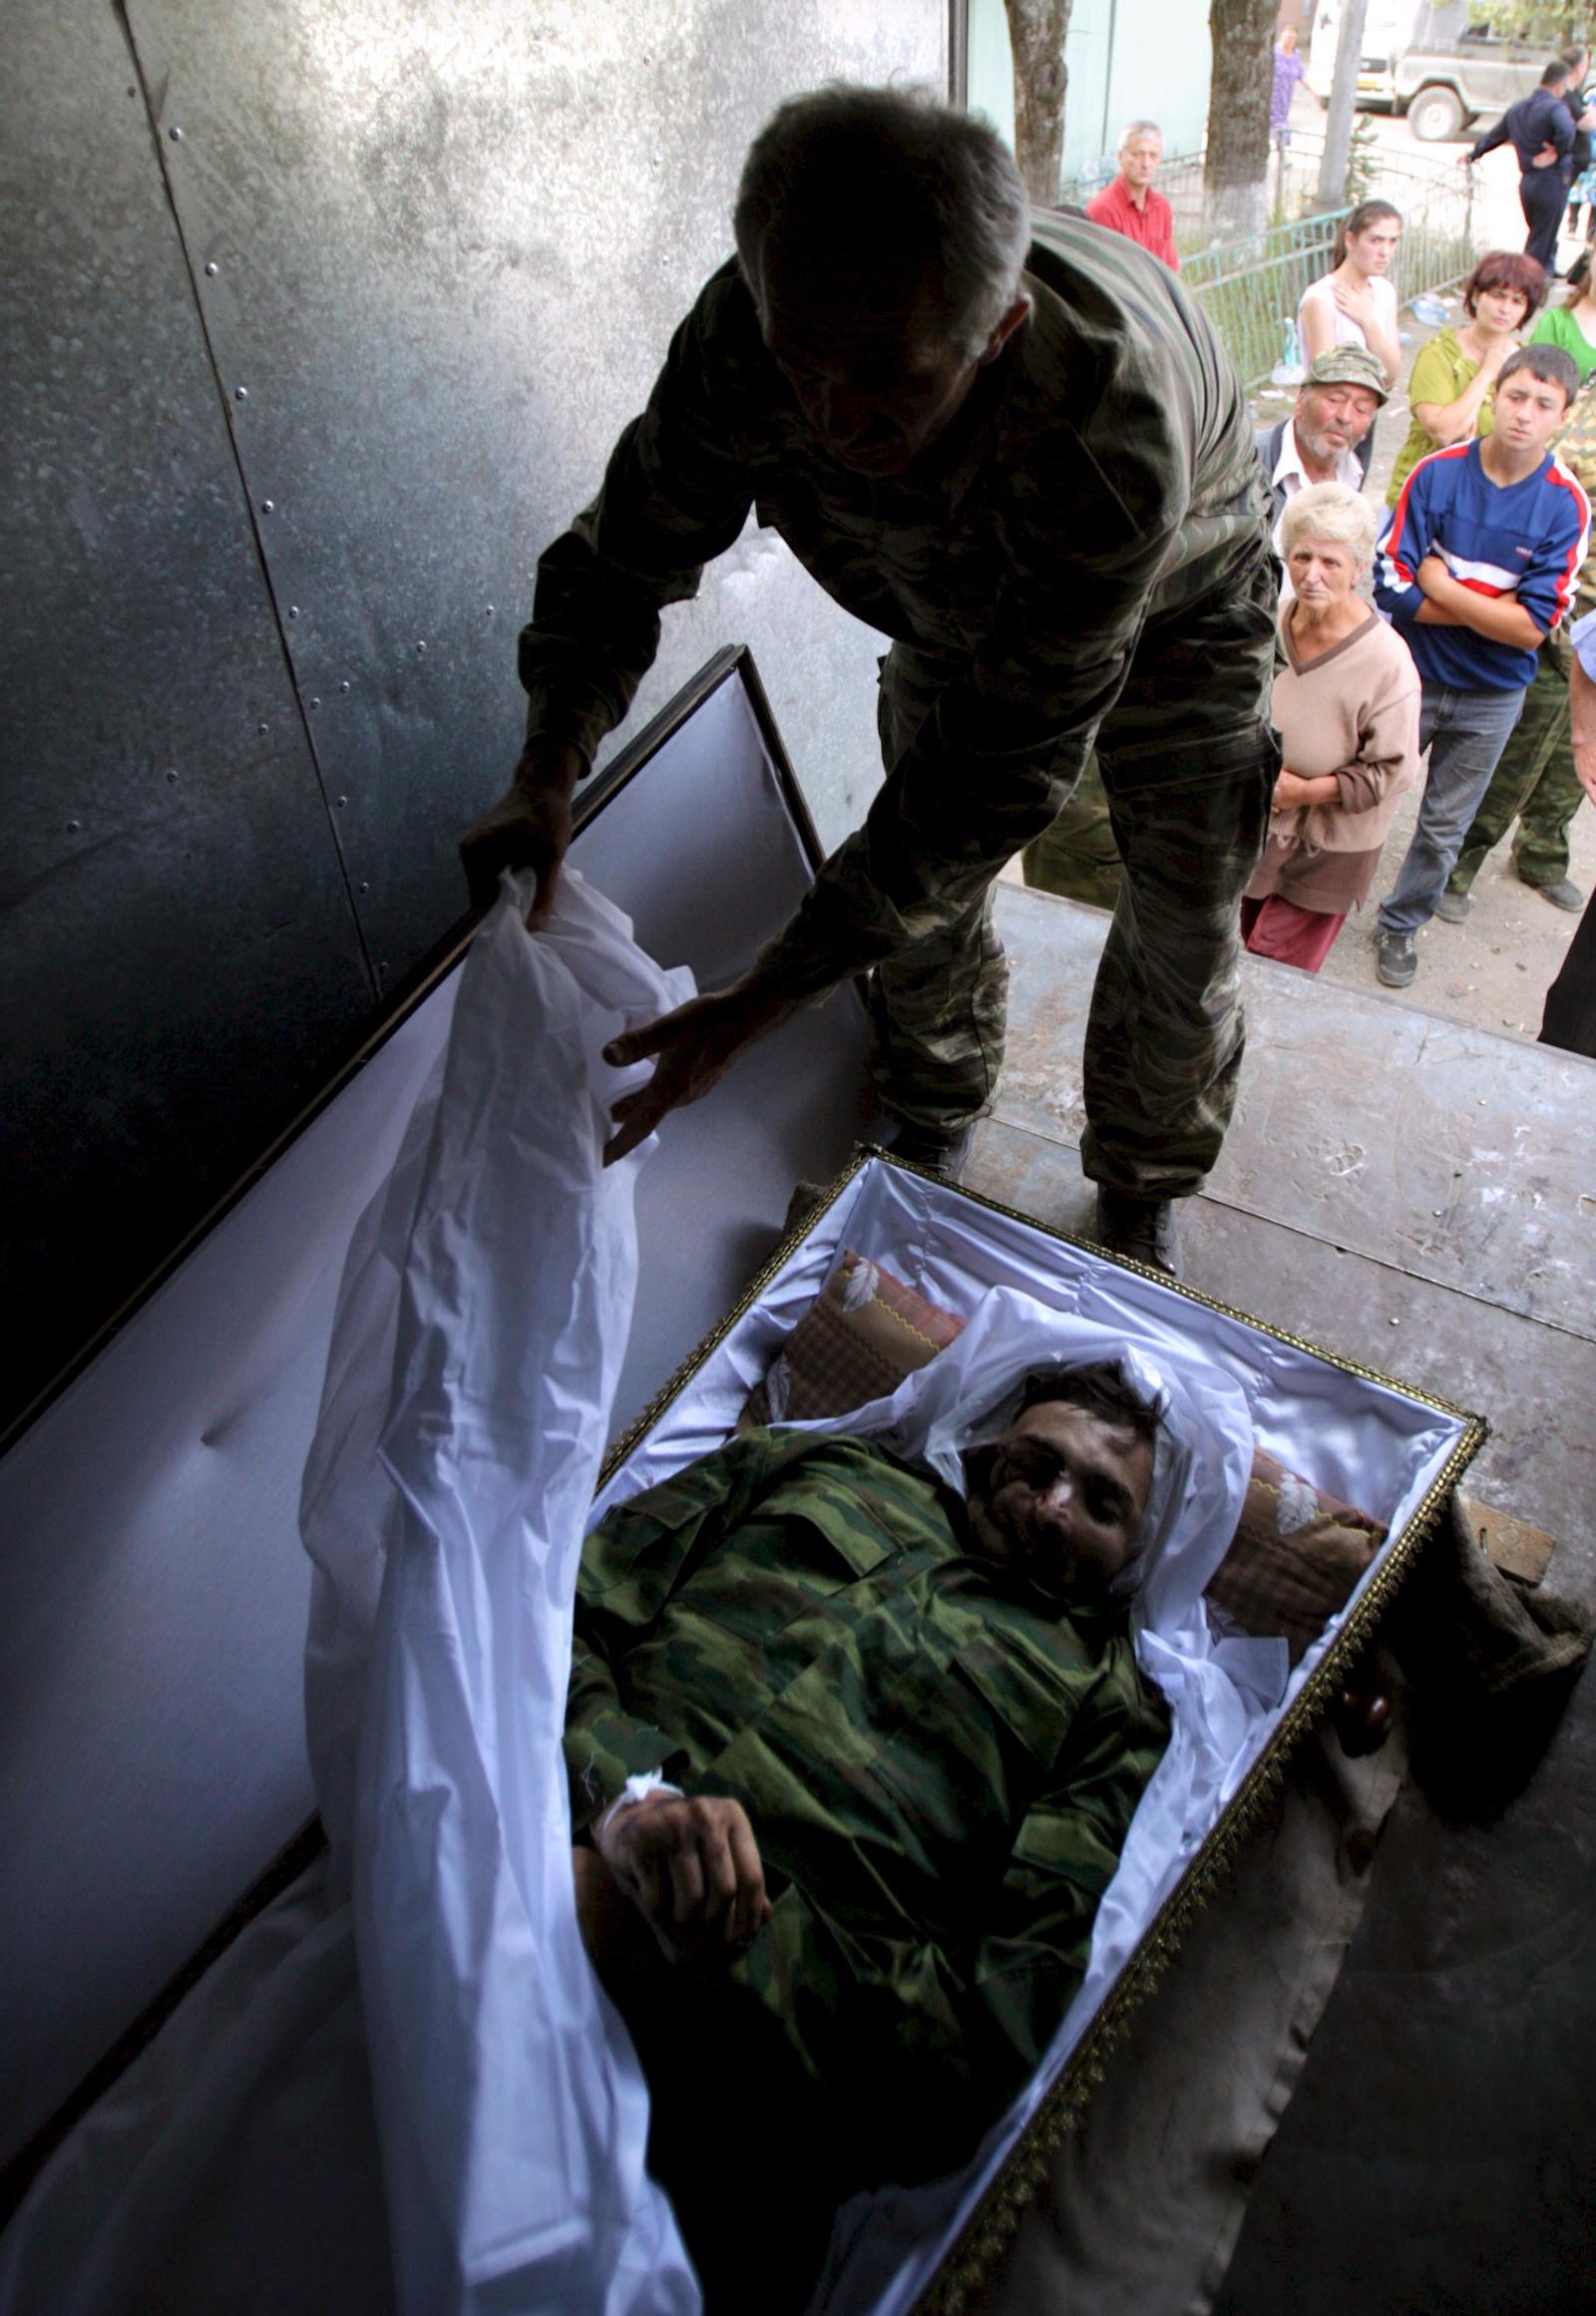 დაღუპული სამხრეთ ოსეთელი მებრძოლი © EPA/YURI KOCHETKOV